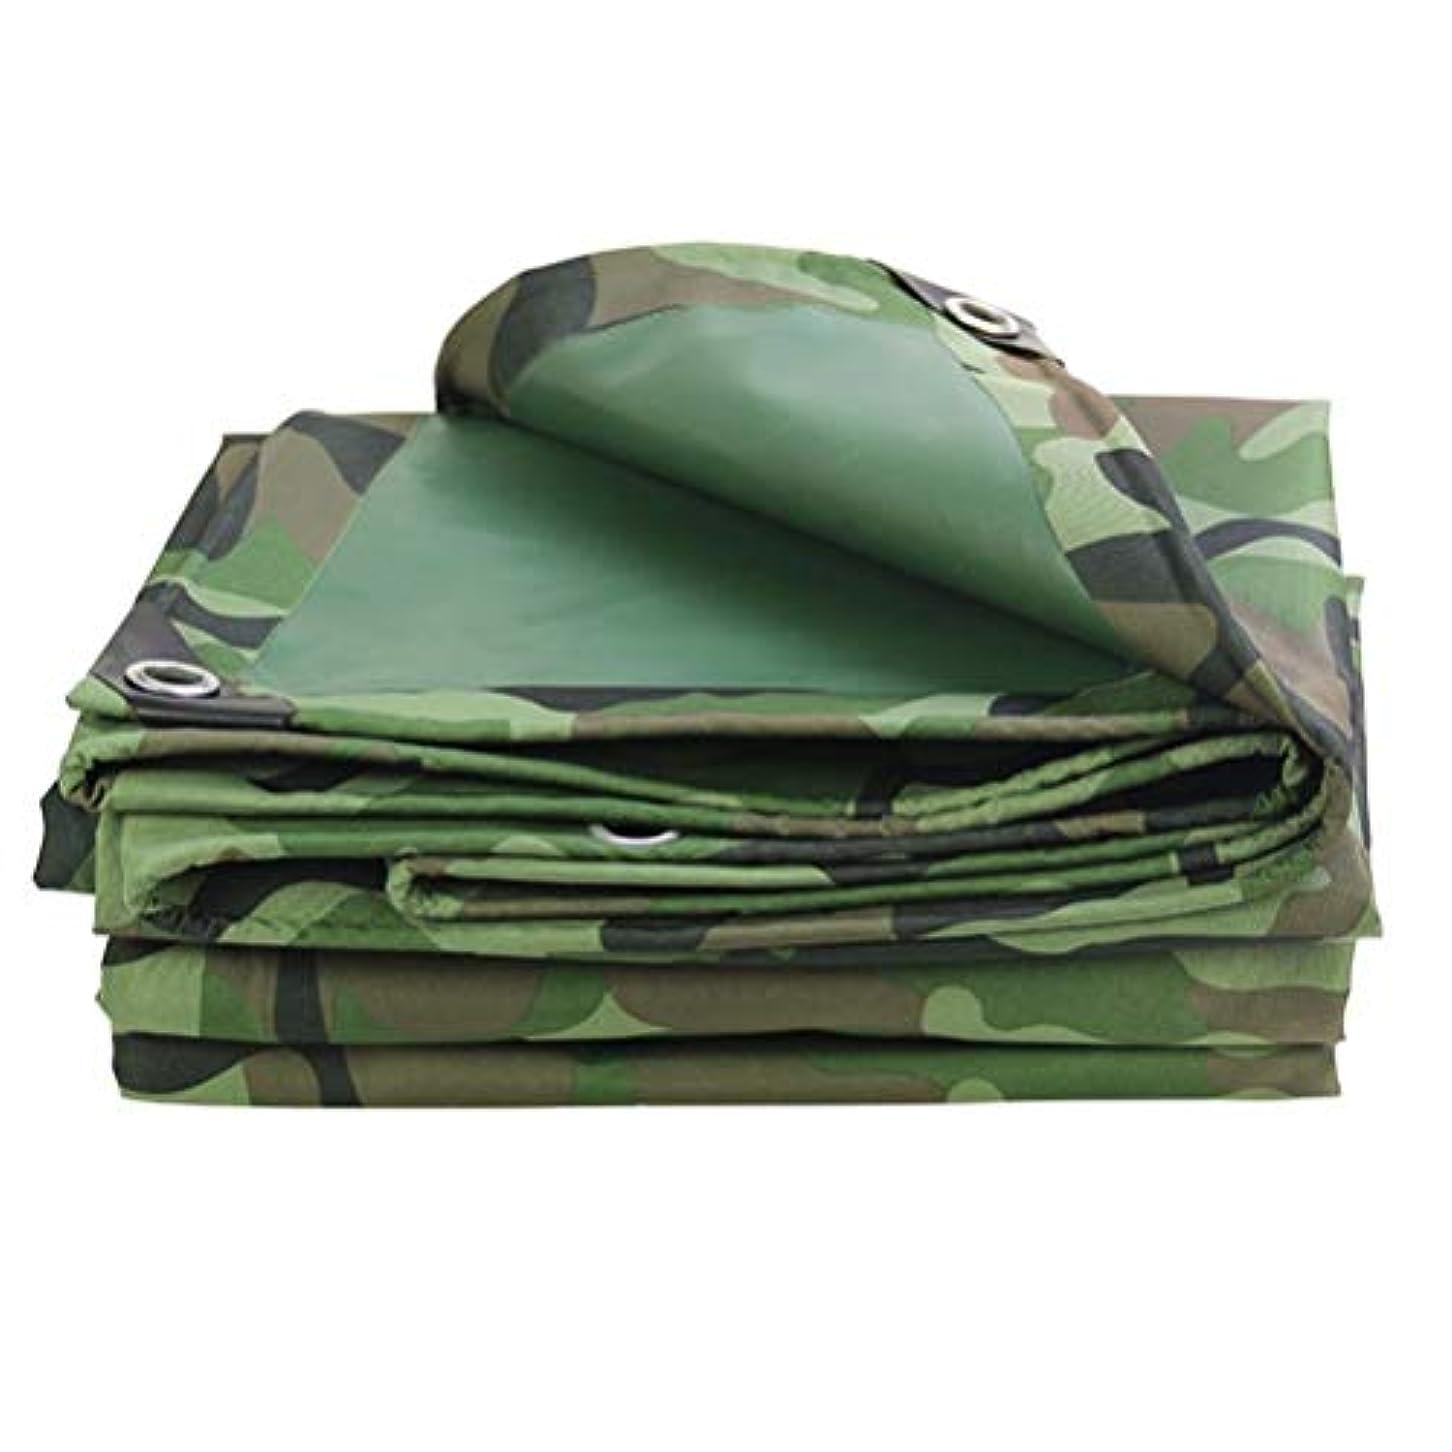 退院準備準備防水シートリノリウム 頑丈な防水ChaoJin厚い多目的ボートのキャンプテントカバー防水シート多防水シート ZHANGQIANG (Color : A, Size : 3x6m)